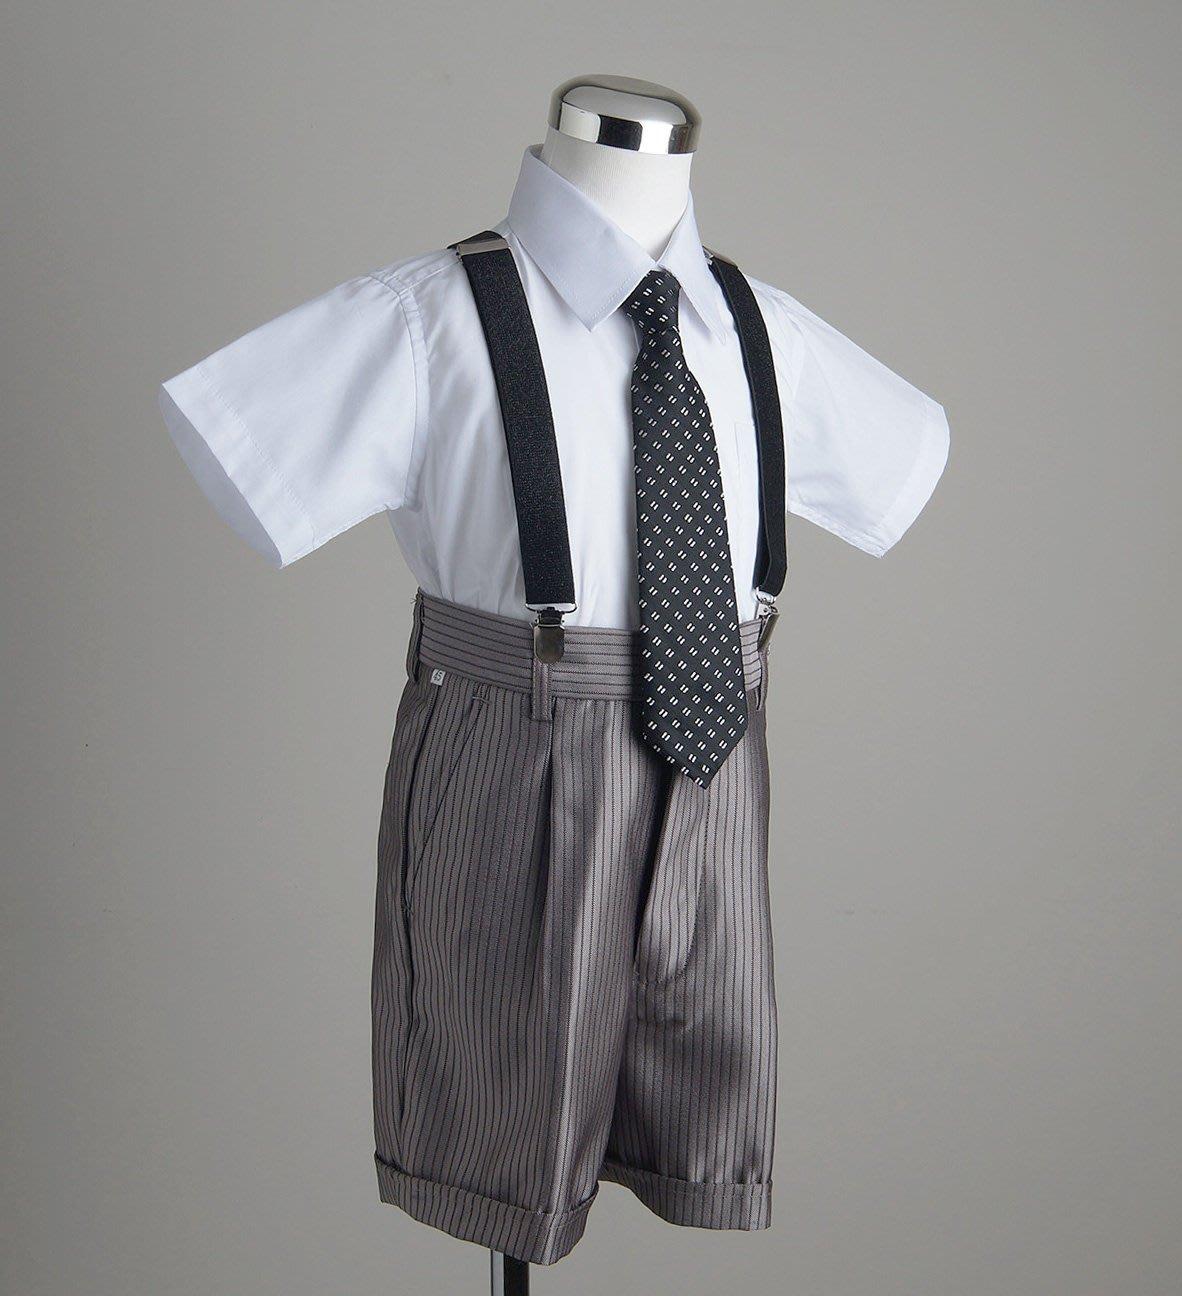 米米世界BWTS03282兒童套裝禮服/西褲.短襯衫.領帶.領結.吊帶五件式/男童服咖啡色西裝褲110-140cm尺碼